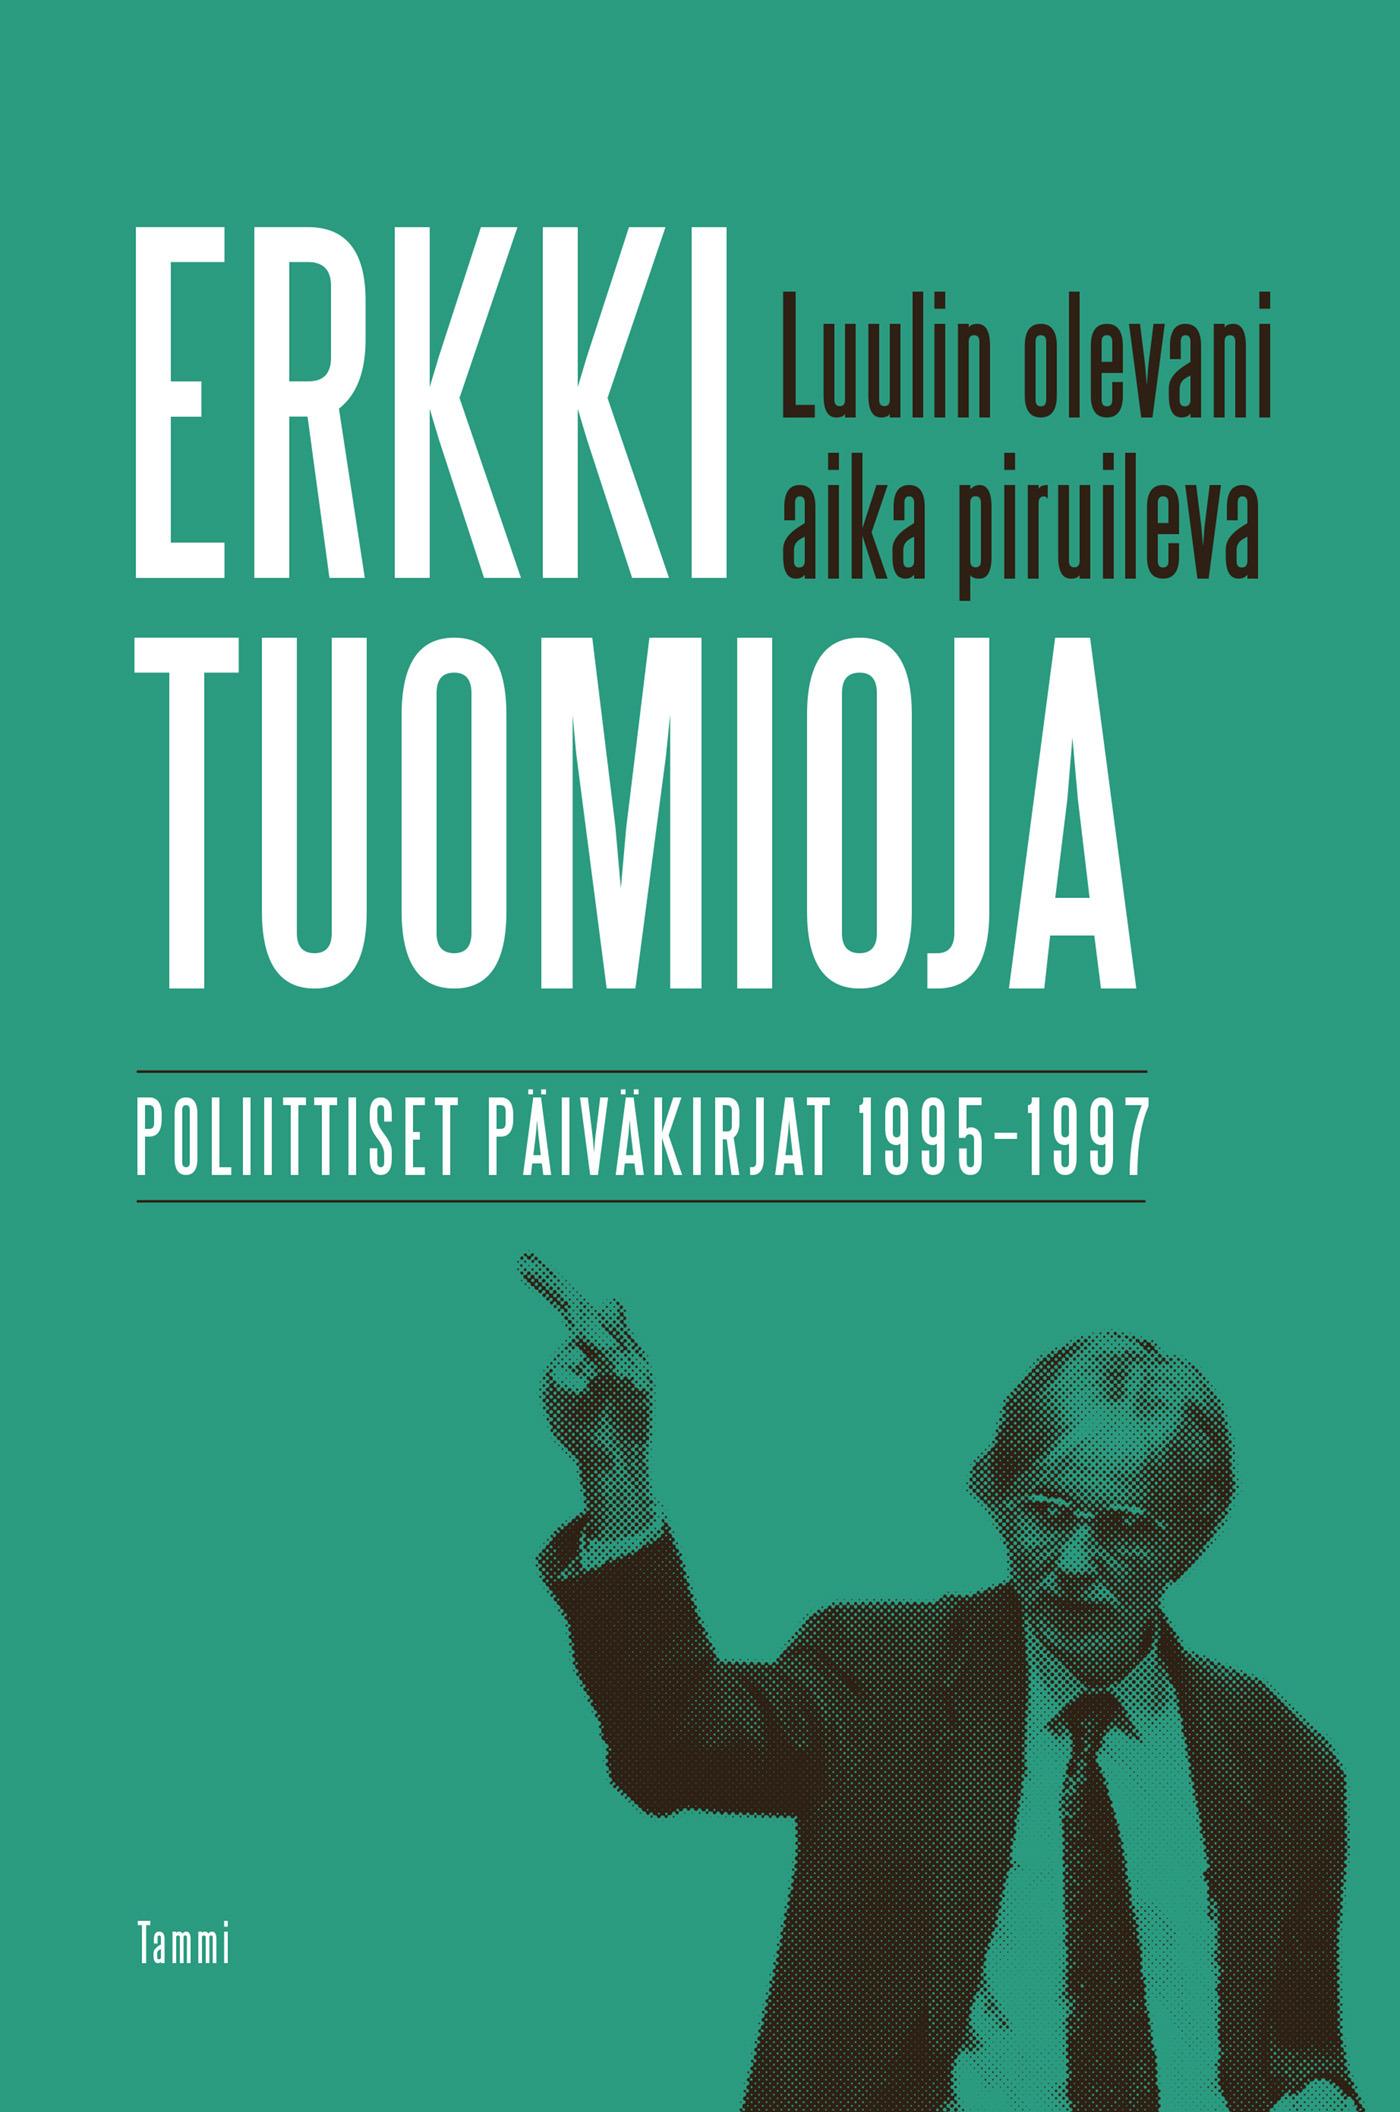 Tuomioja, Erkki - Luulin olevani aika piruileva: Poliittiset päiväkirjat 1995-1997, e-kirja